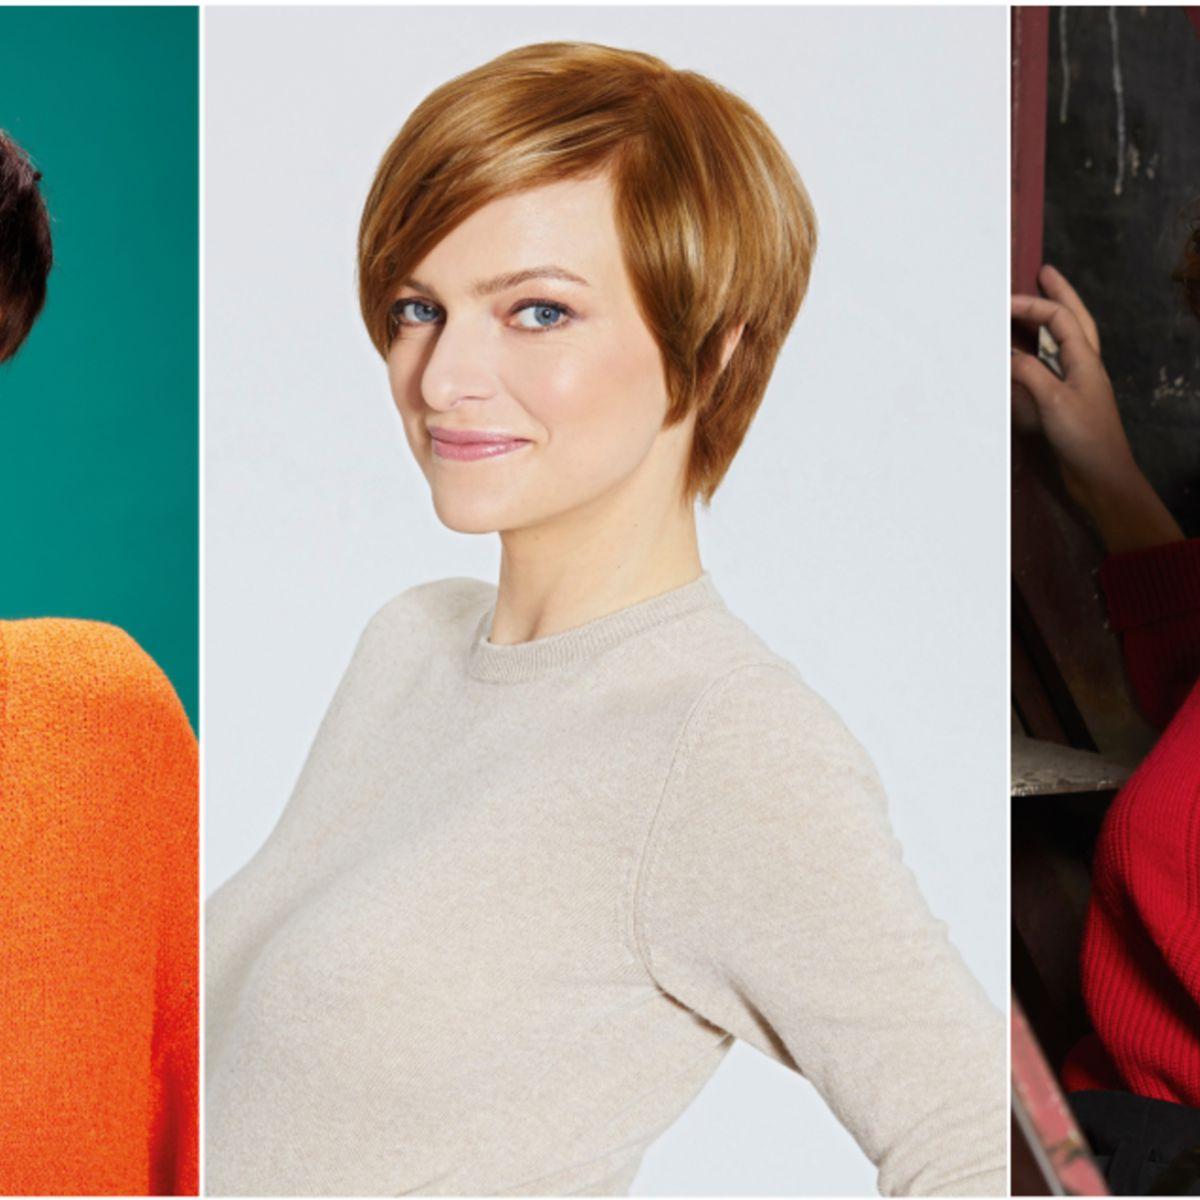 Album : Les +20 meilleures photos de coiffure courte femme 2020 cheveux fins - LiloBijoux ...